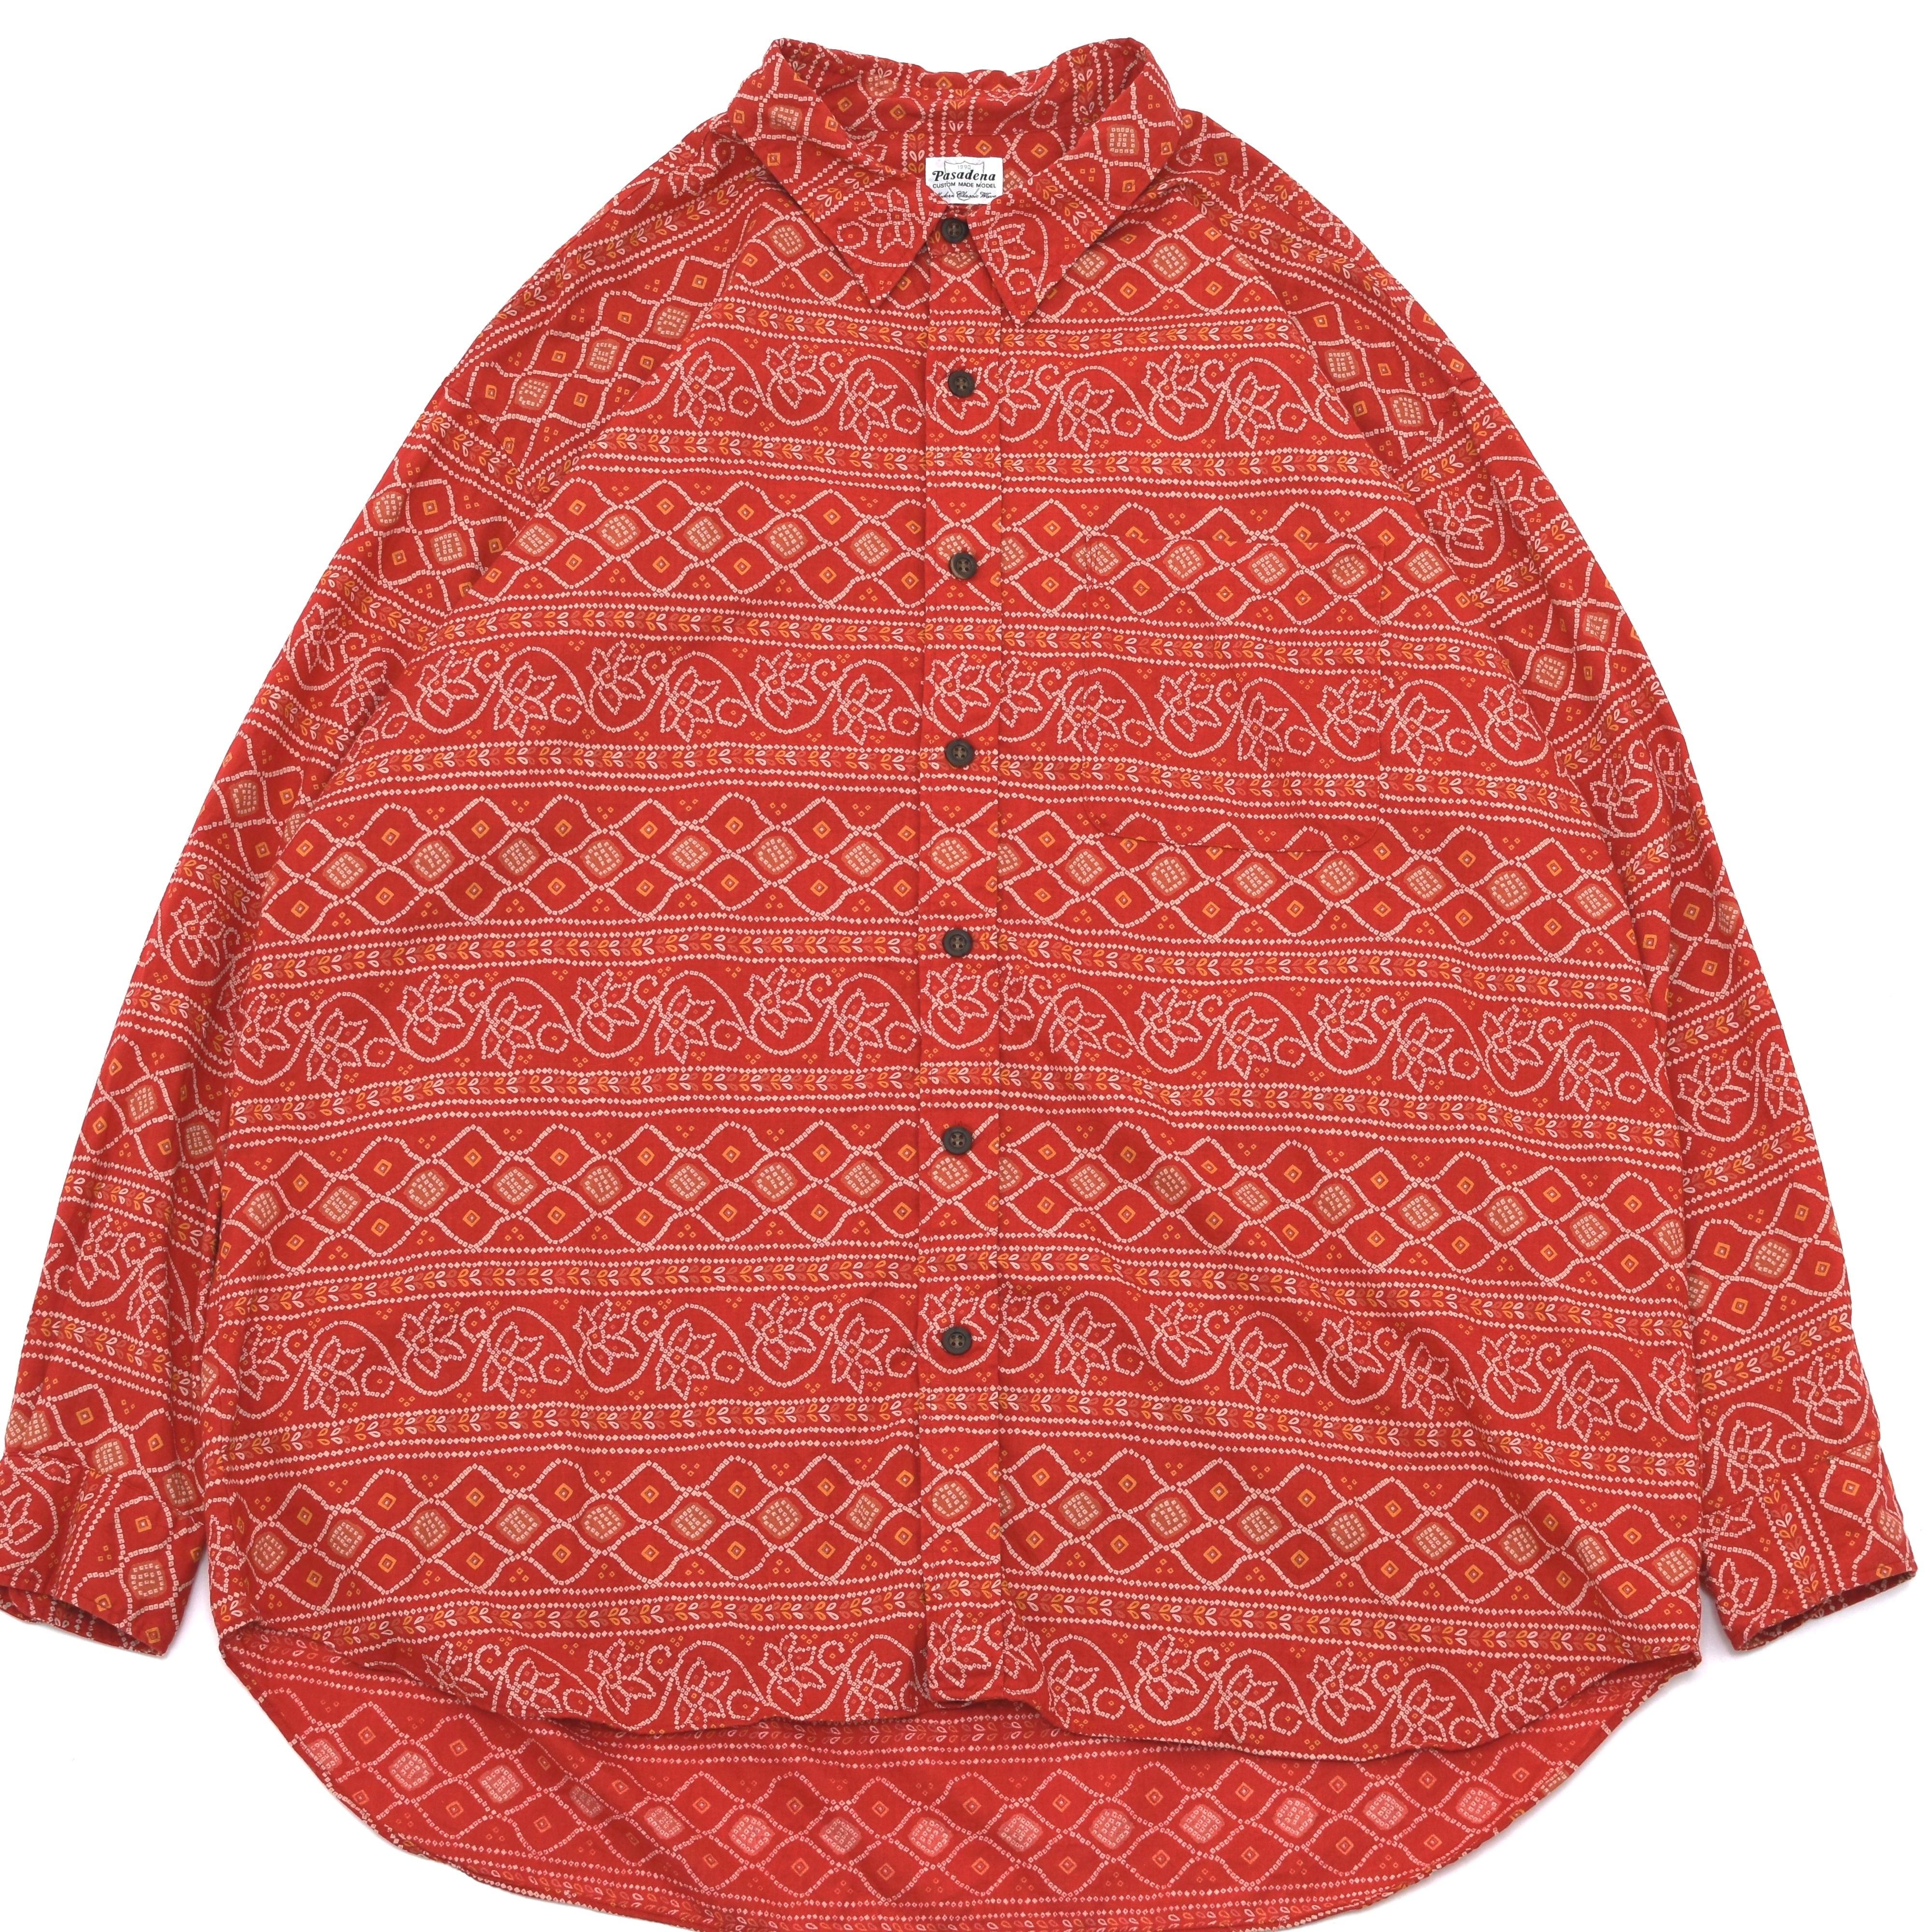 Retro ethnicflower stripe pattern shirt